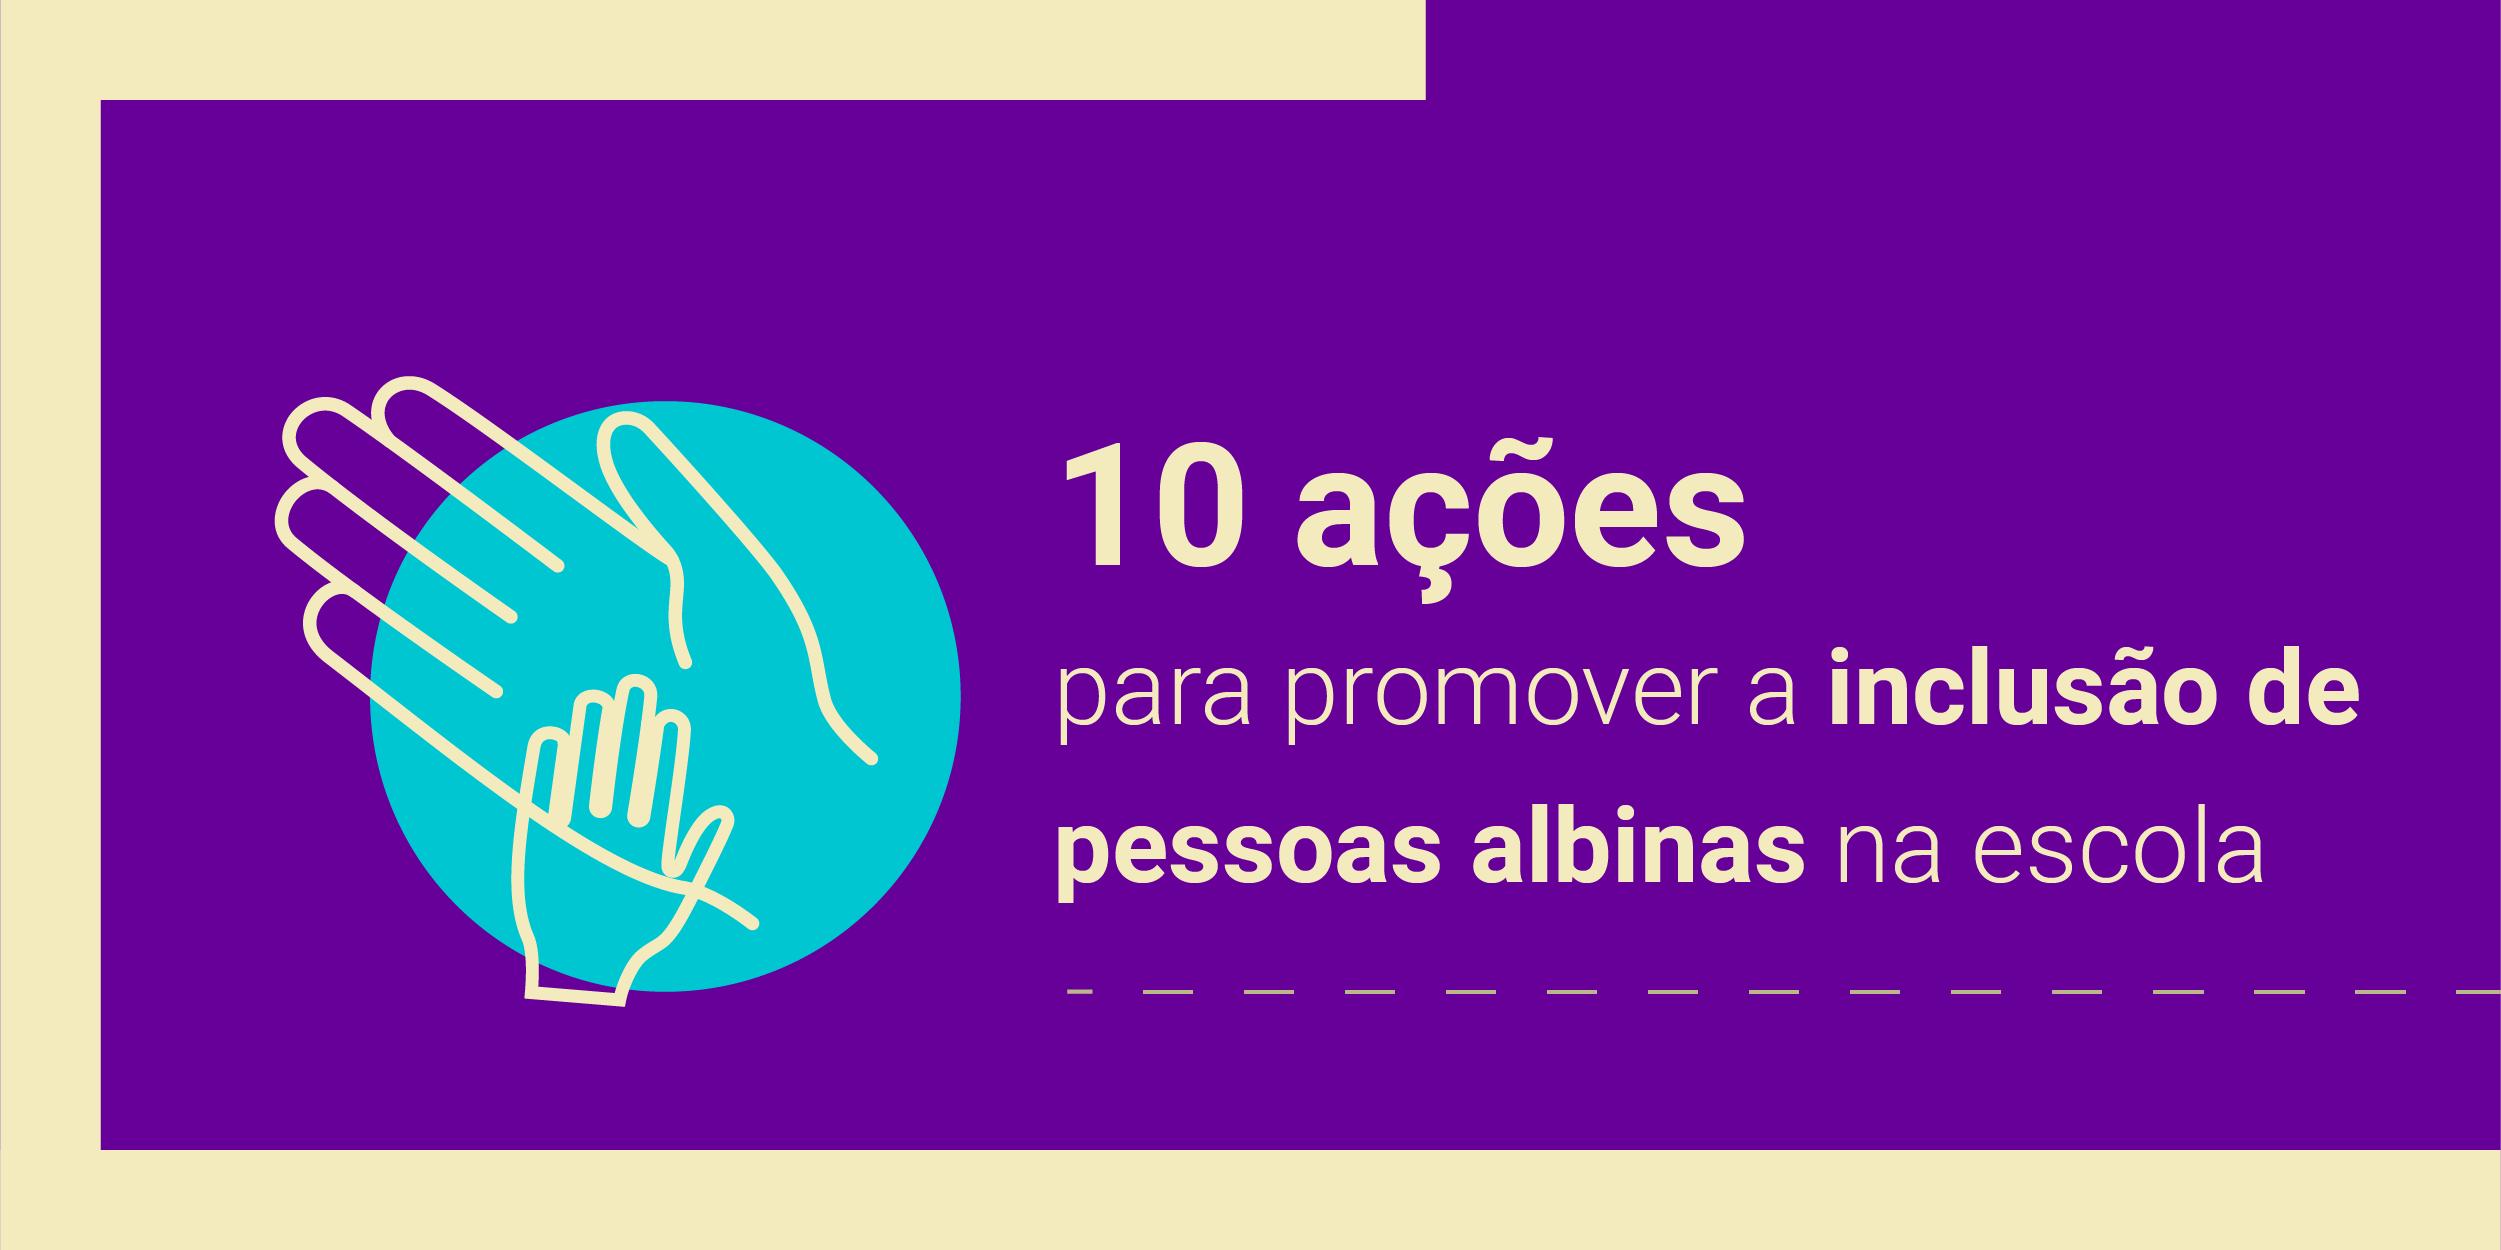 Imagem com a frase 10 ações para promover a inclusão de pessoas albinas na escola